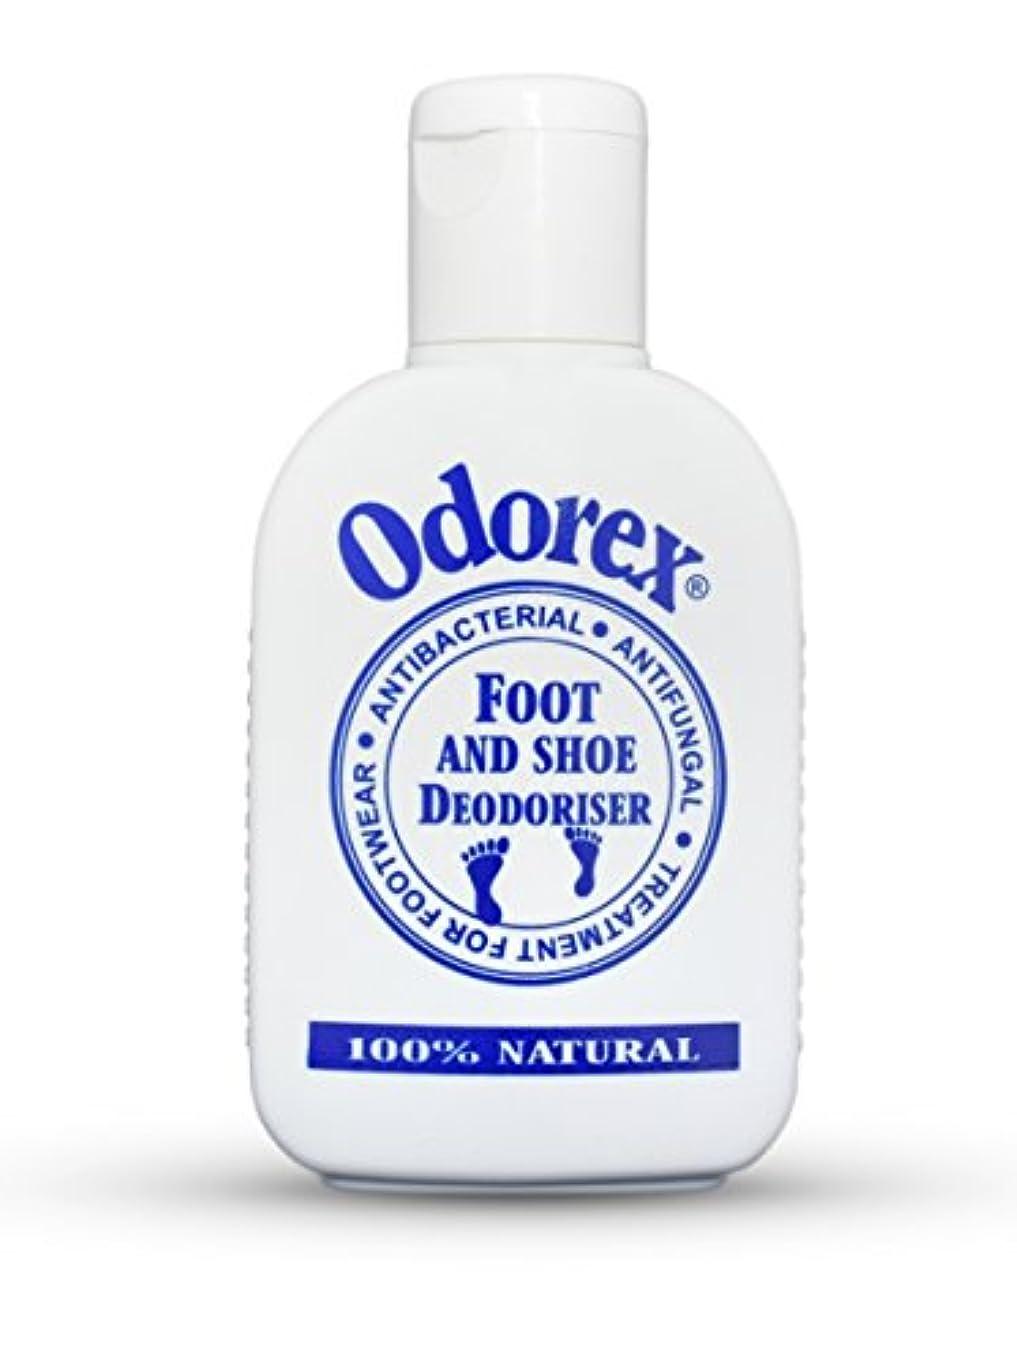 吸収剤聡明オークランドオダエックス100% ナチュラル 靴用除菌?防菌?消臭パウダー30g